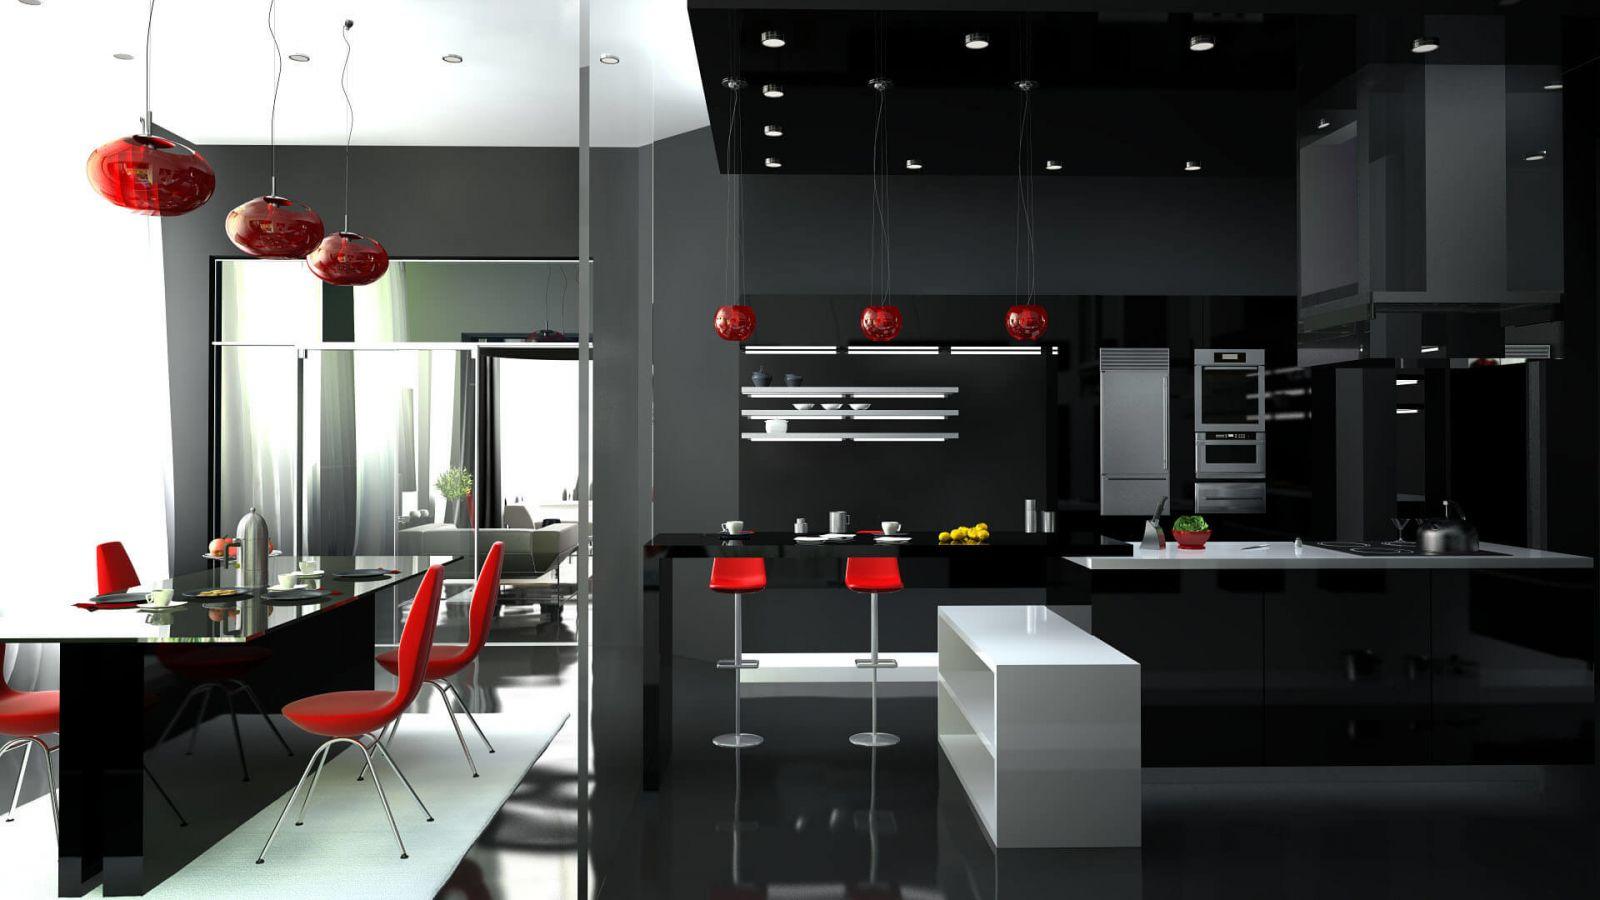 Хай-тек не любит разнообразия цветовой палитры, поэтому использование самобытного и наполненного черного цвета не требует дополнительных ведущих цветов.